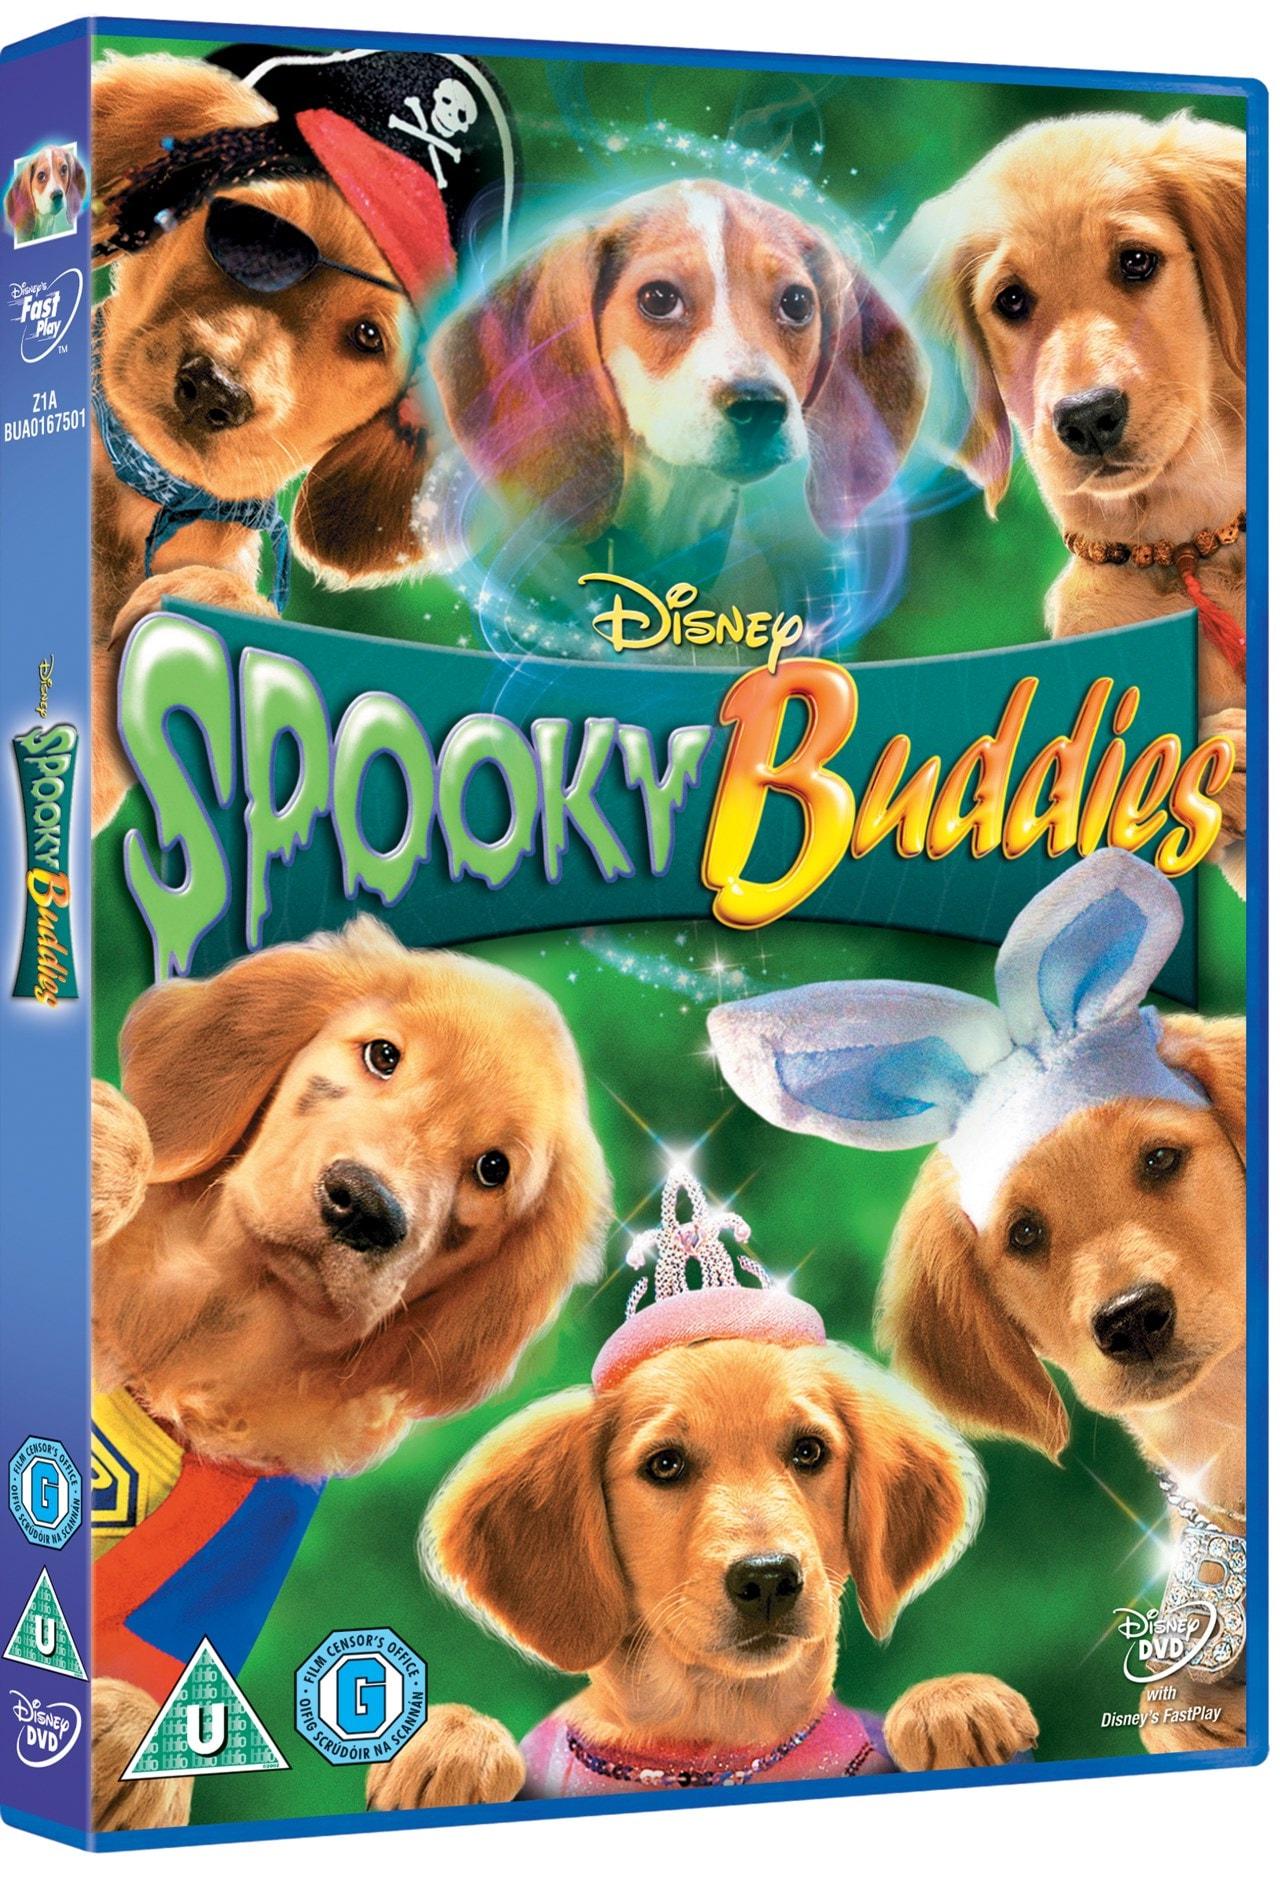 Spooky Buddies - 2